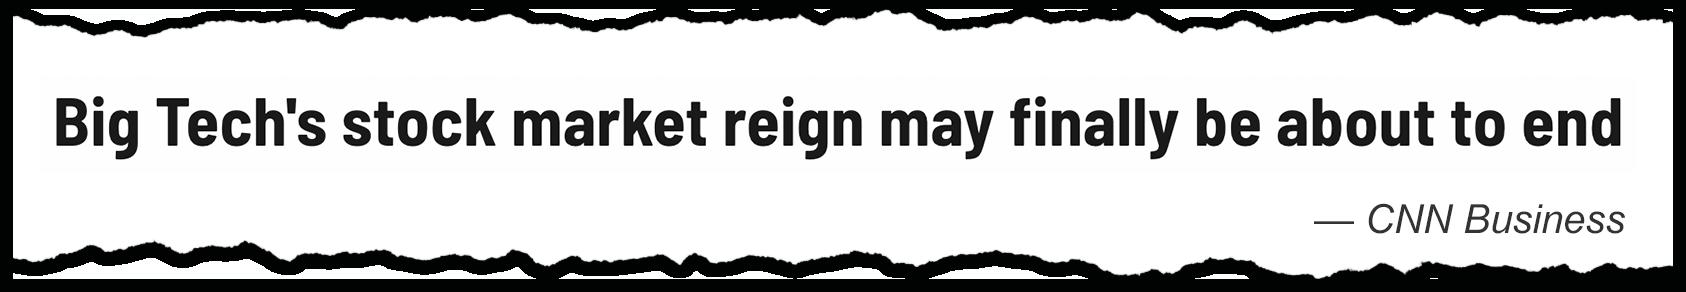 Big Tech's reign end